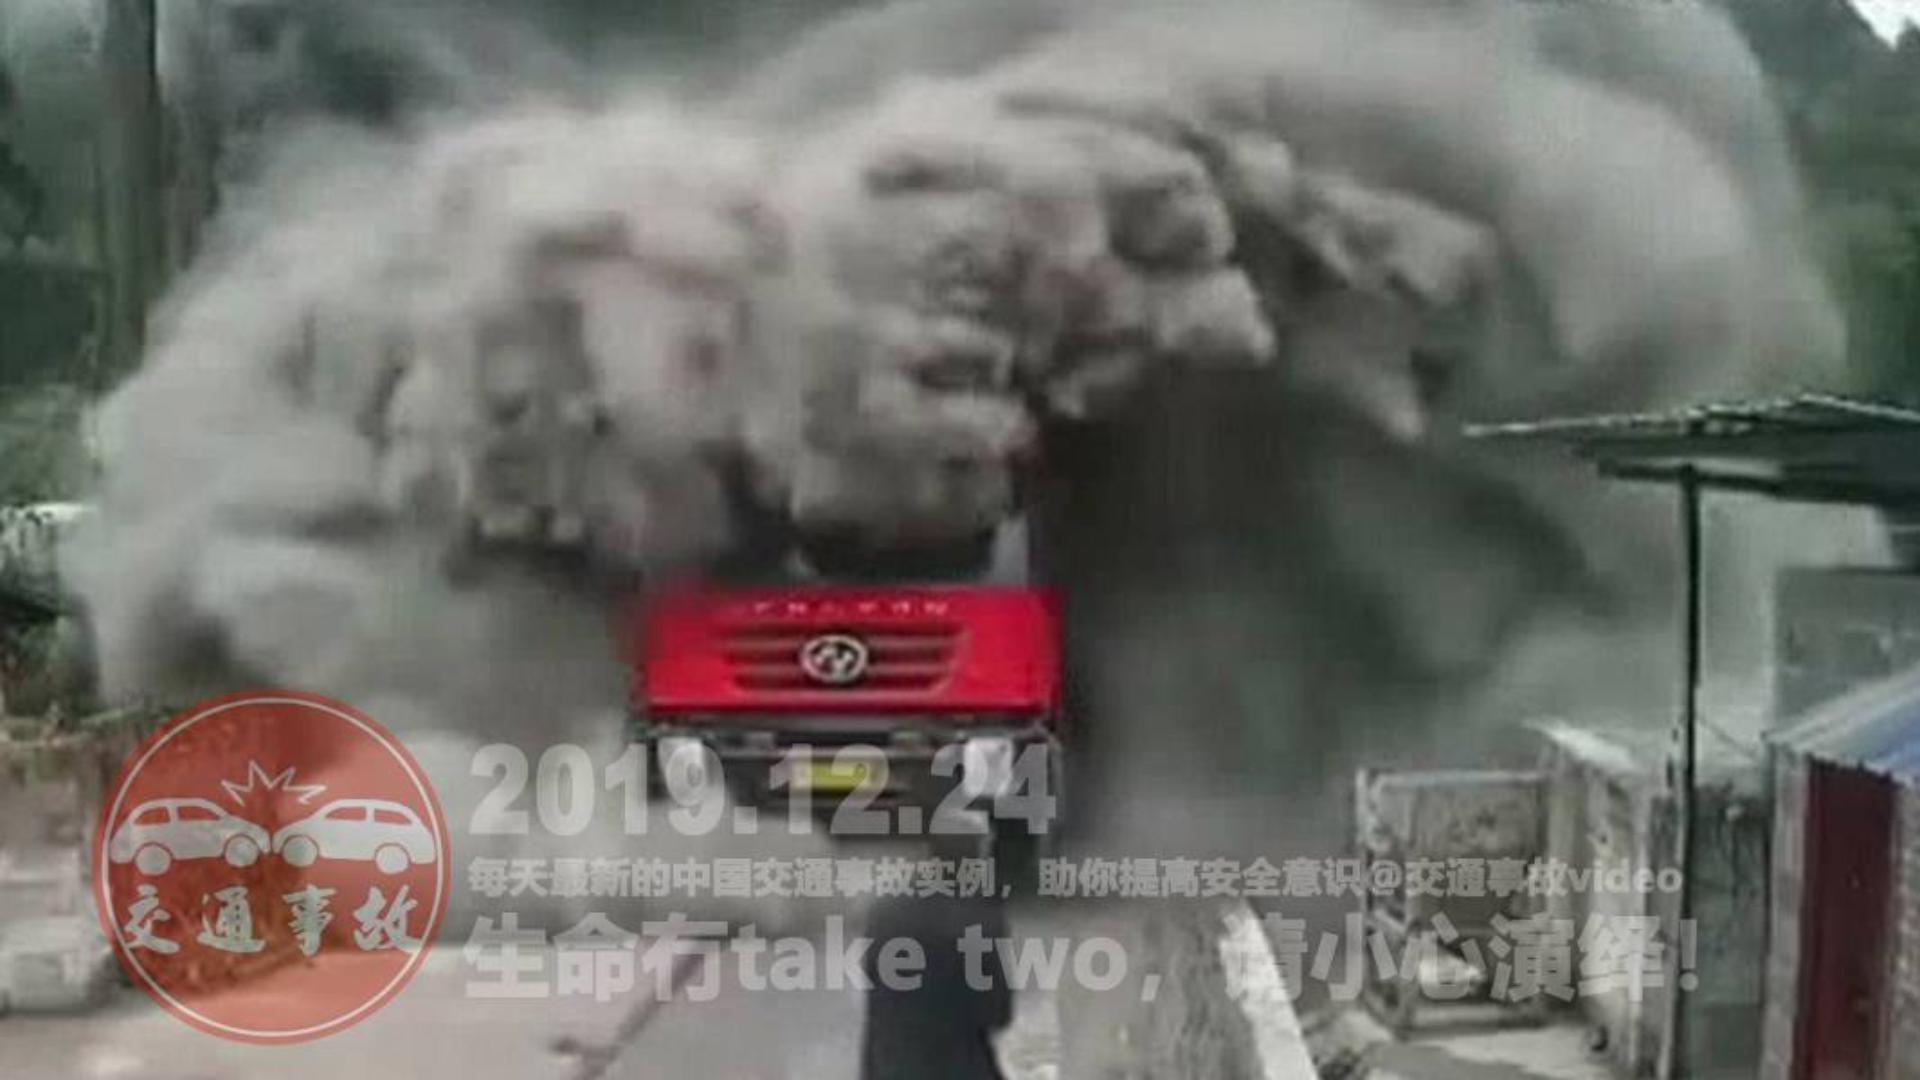 中国交通事故20191224:每天最新的车祸实例,助你提高安全意识